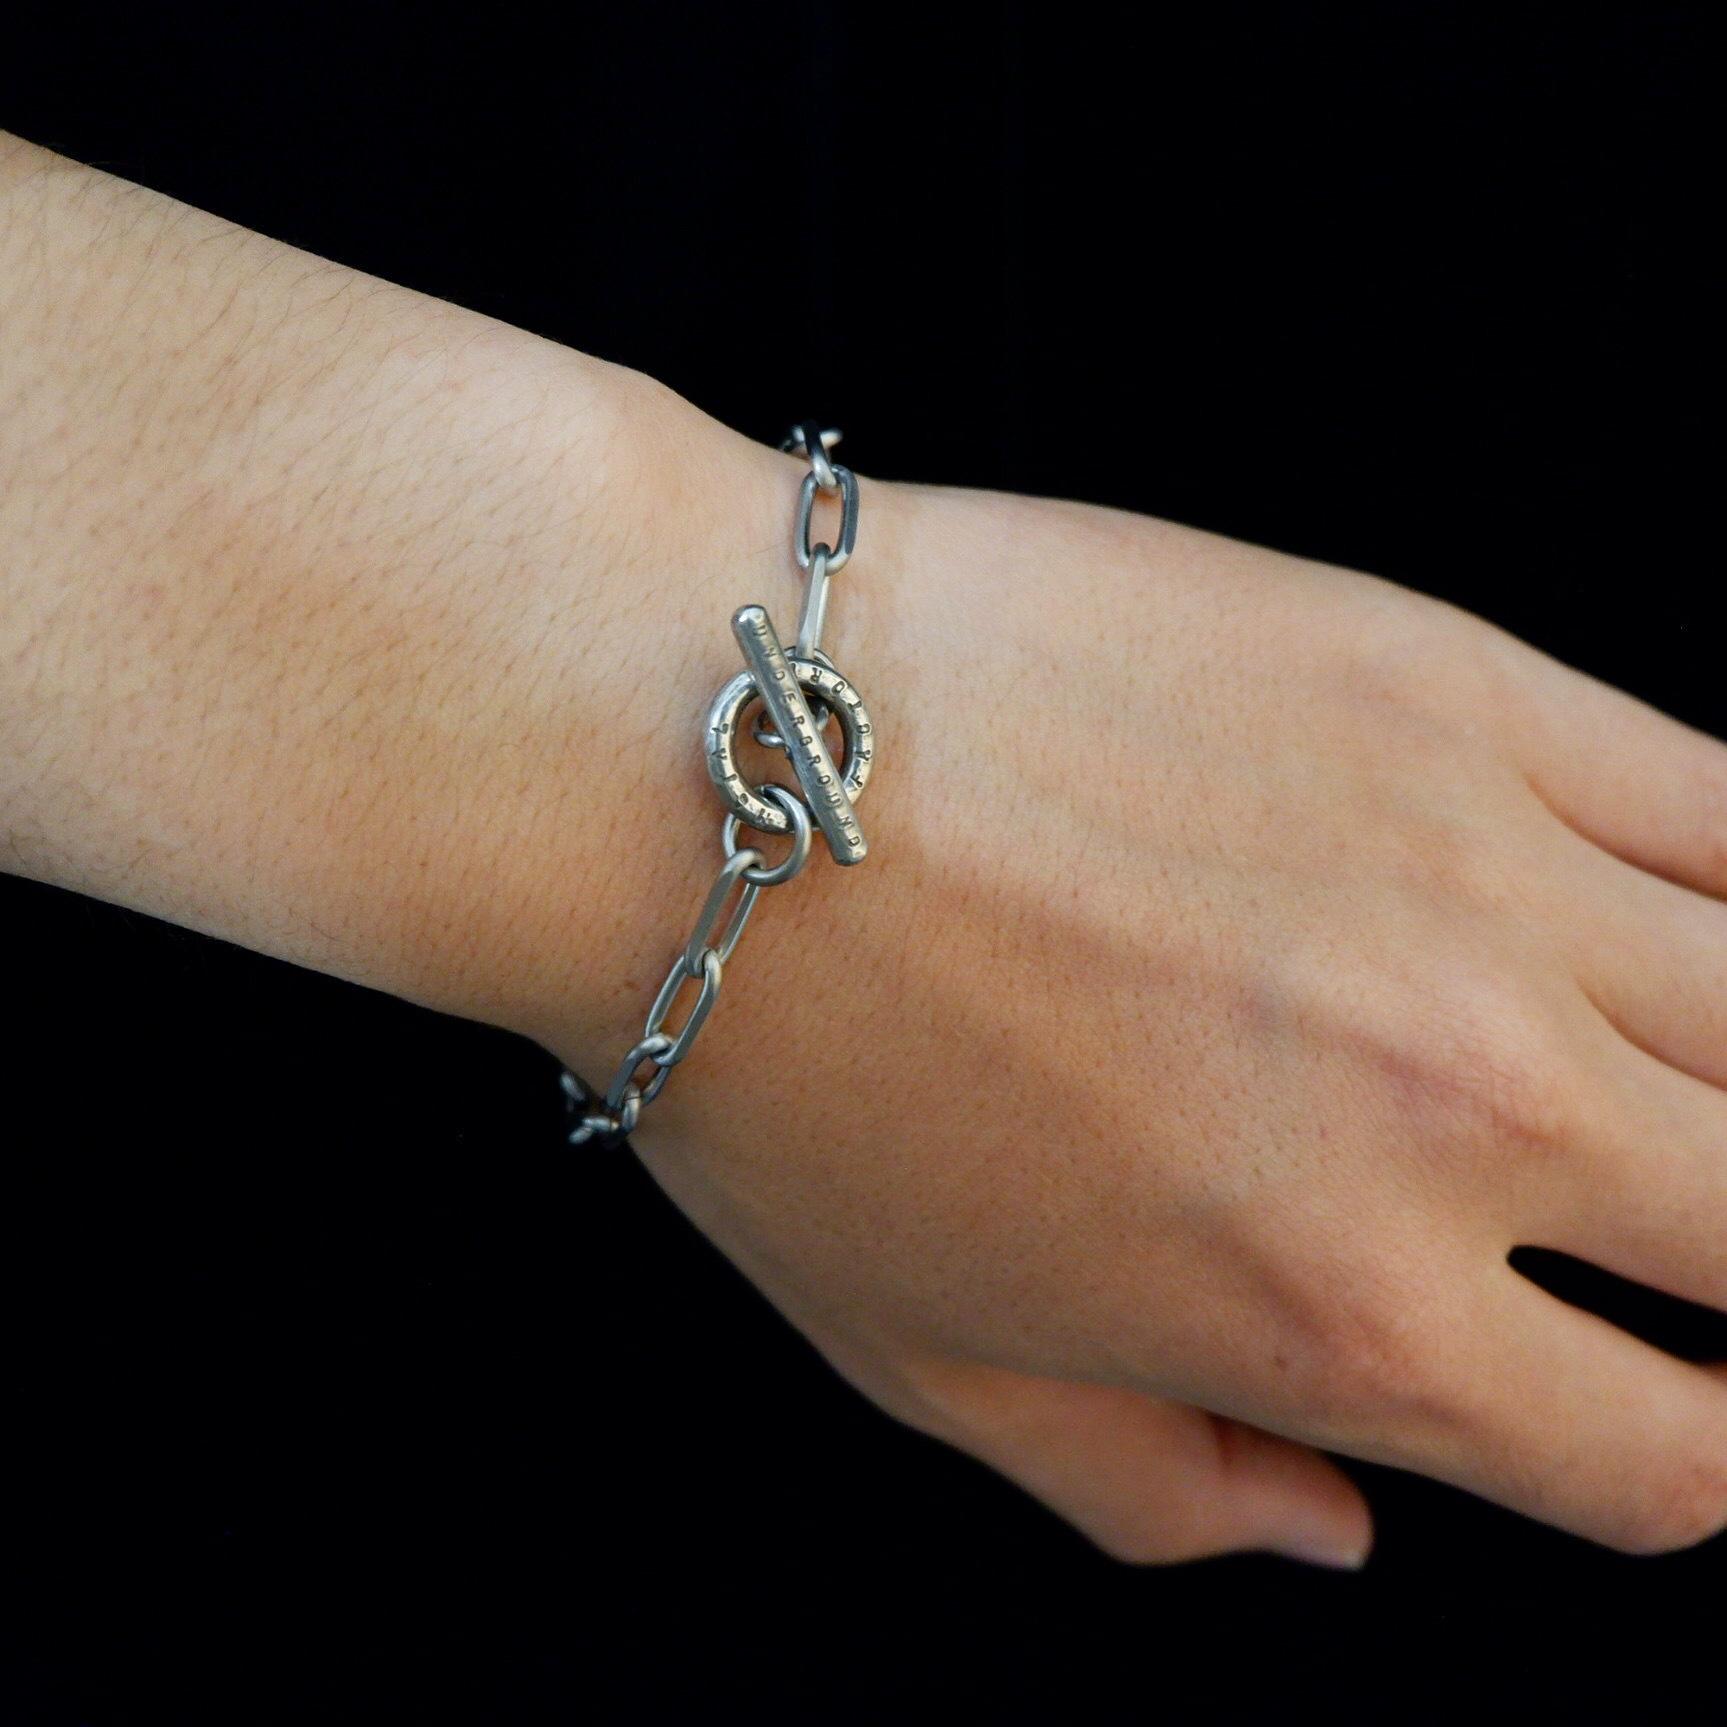 【UMB-007】UMF Chain Bracelet (TYPE 2)